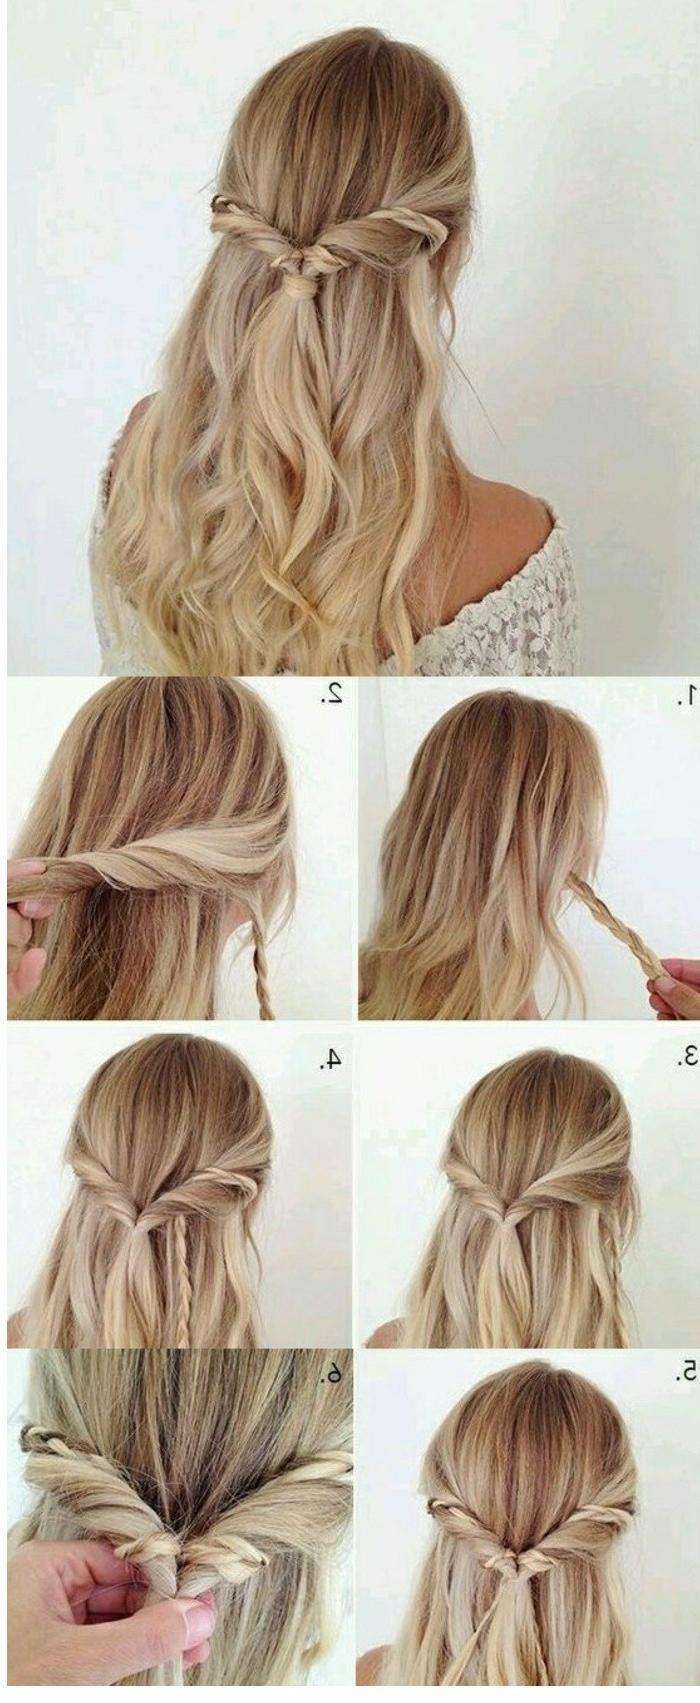 Einfache Frisuren Zum Selber Machen Einfache Frisuren Machen Selber Long Leichte Frisuren Lange Haare Haare Einfach Flechten Hochsteckfrisuren Lange Haare